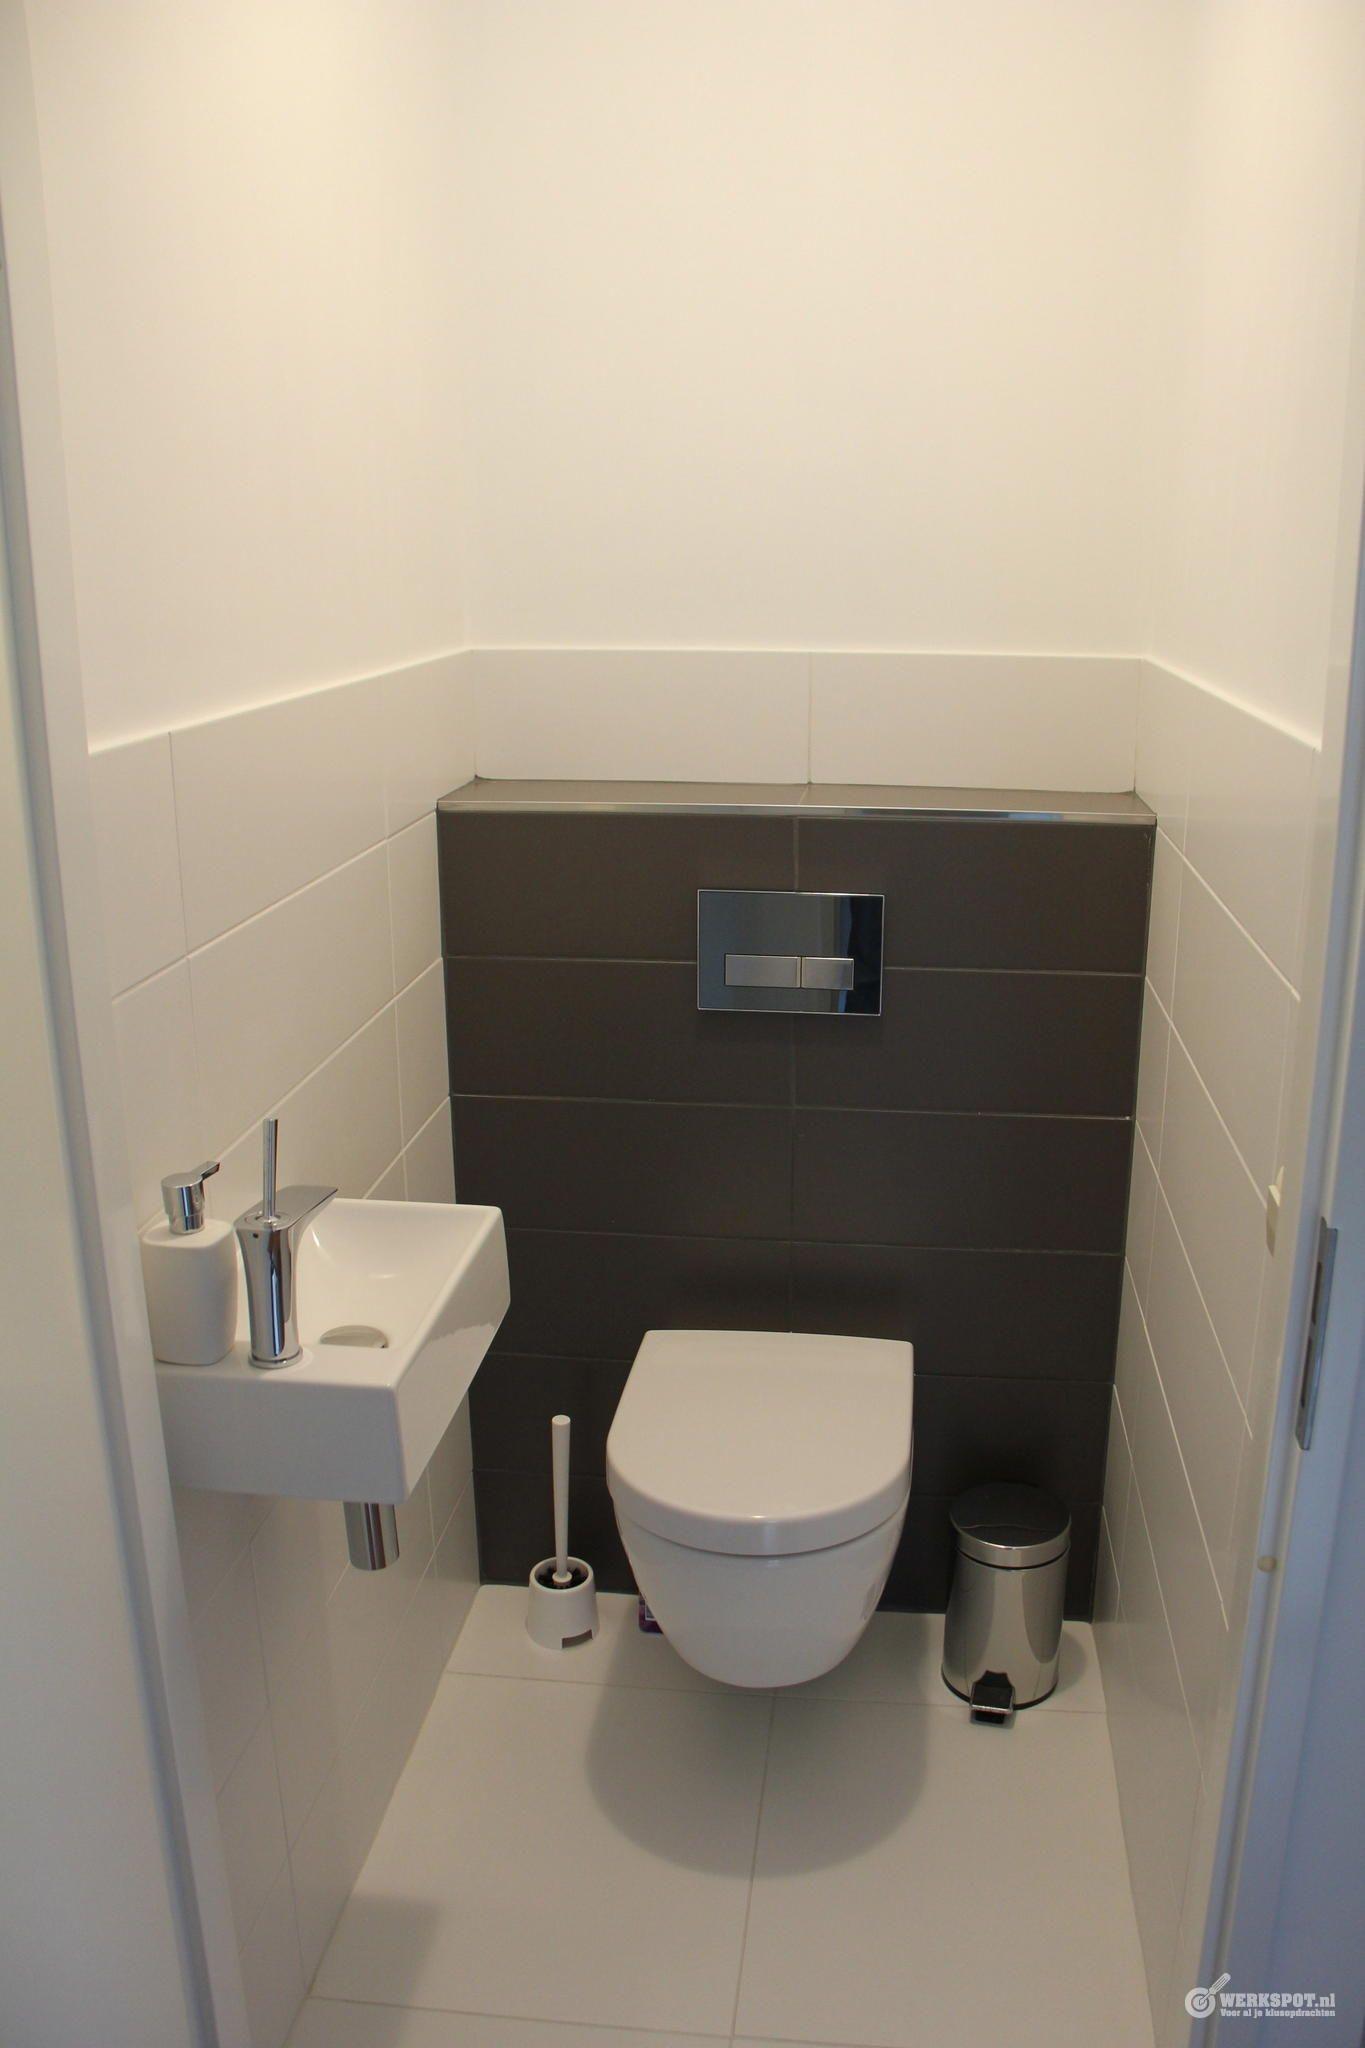 Lichte wand en vloertegels met toilet achterwand